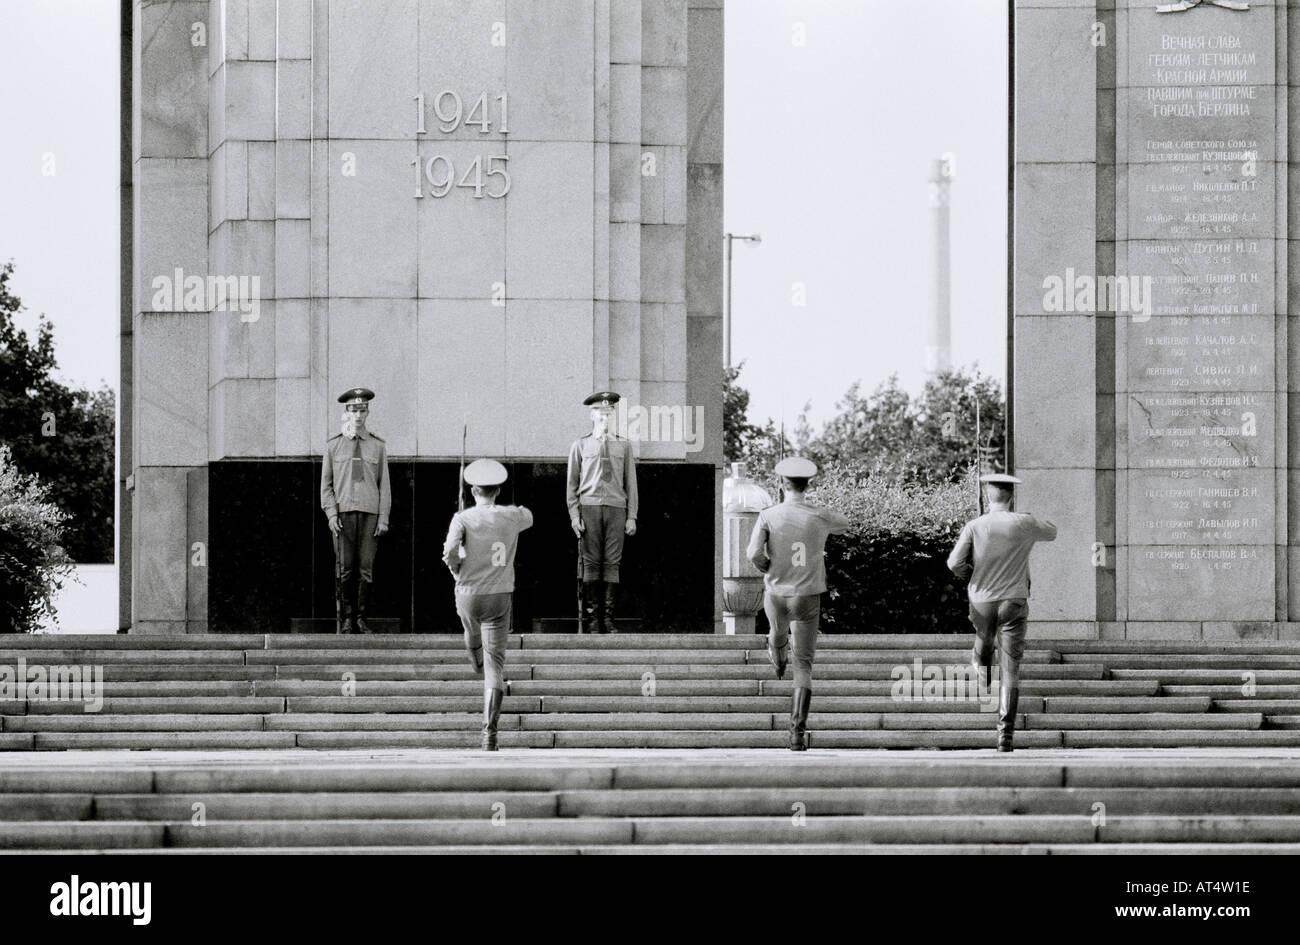 Memorial de la guerra soviética en Tiergarten cerca de la Puerta de Brandenburgo en Berlín Occidental de la guerra fría en Alemania en Europa. Historia soldado de Guardia Viajes Vida Imagen De Stock